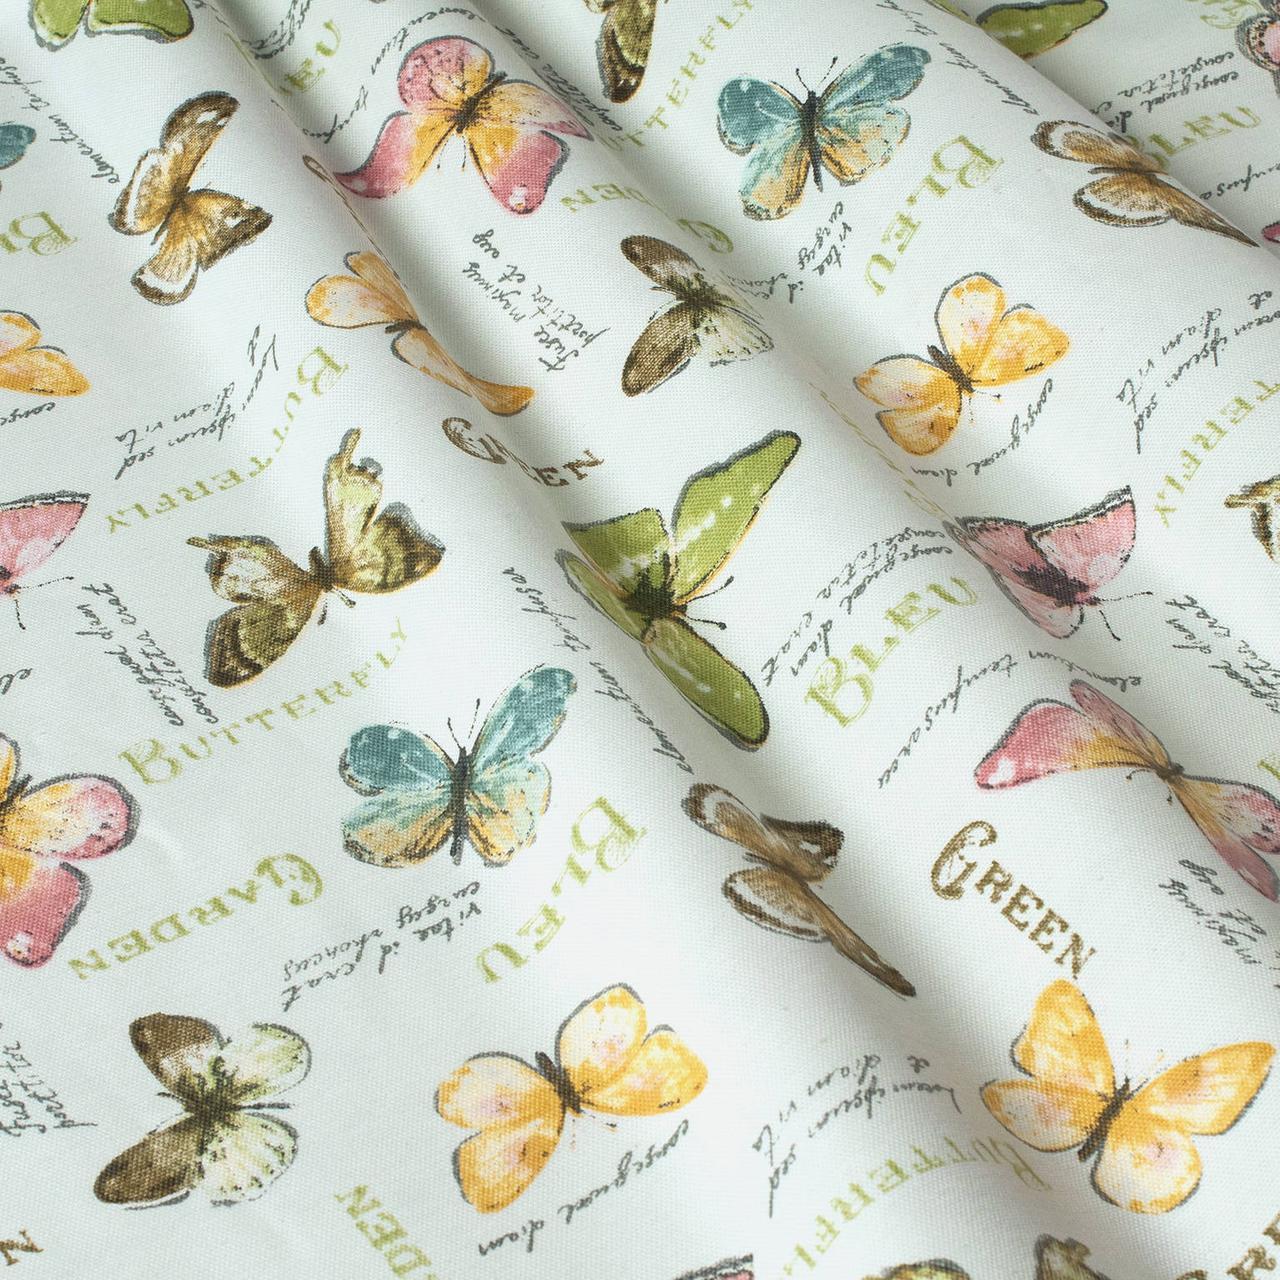 Купить декоративные бабочки из ткани подарочная бумага